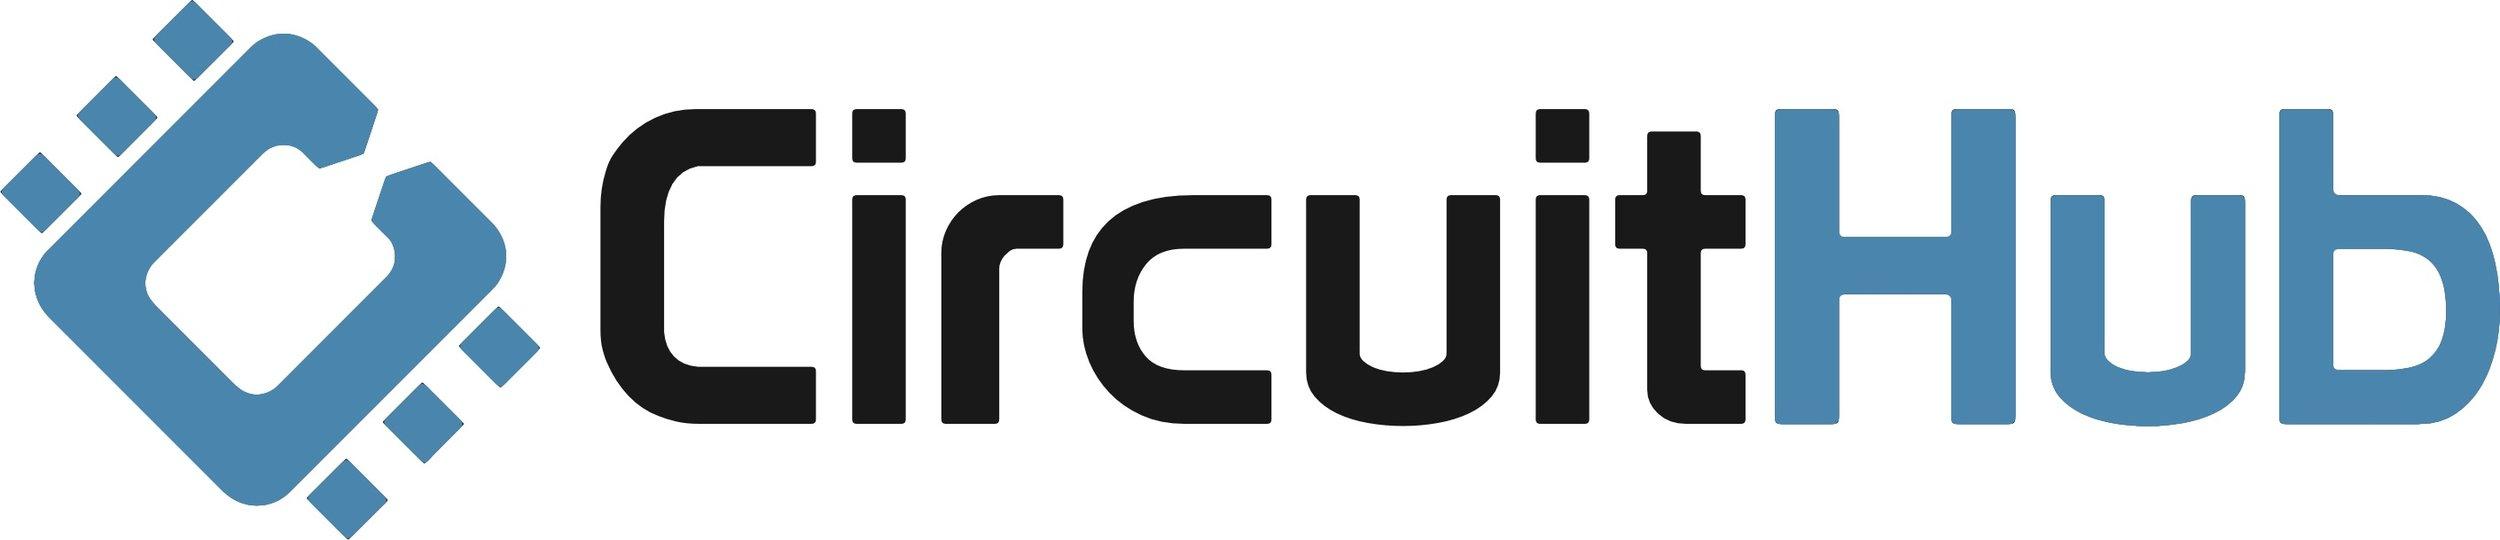 circuithub-color.jpg